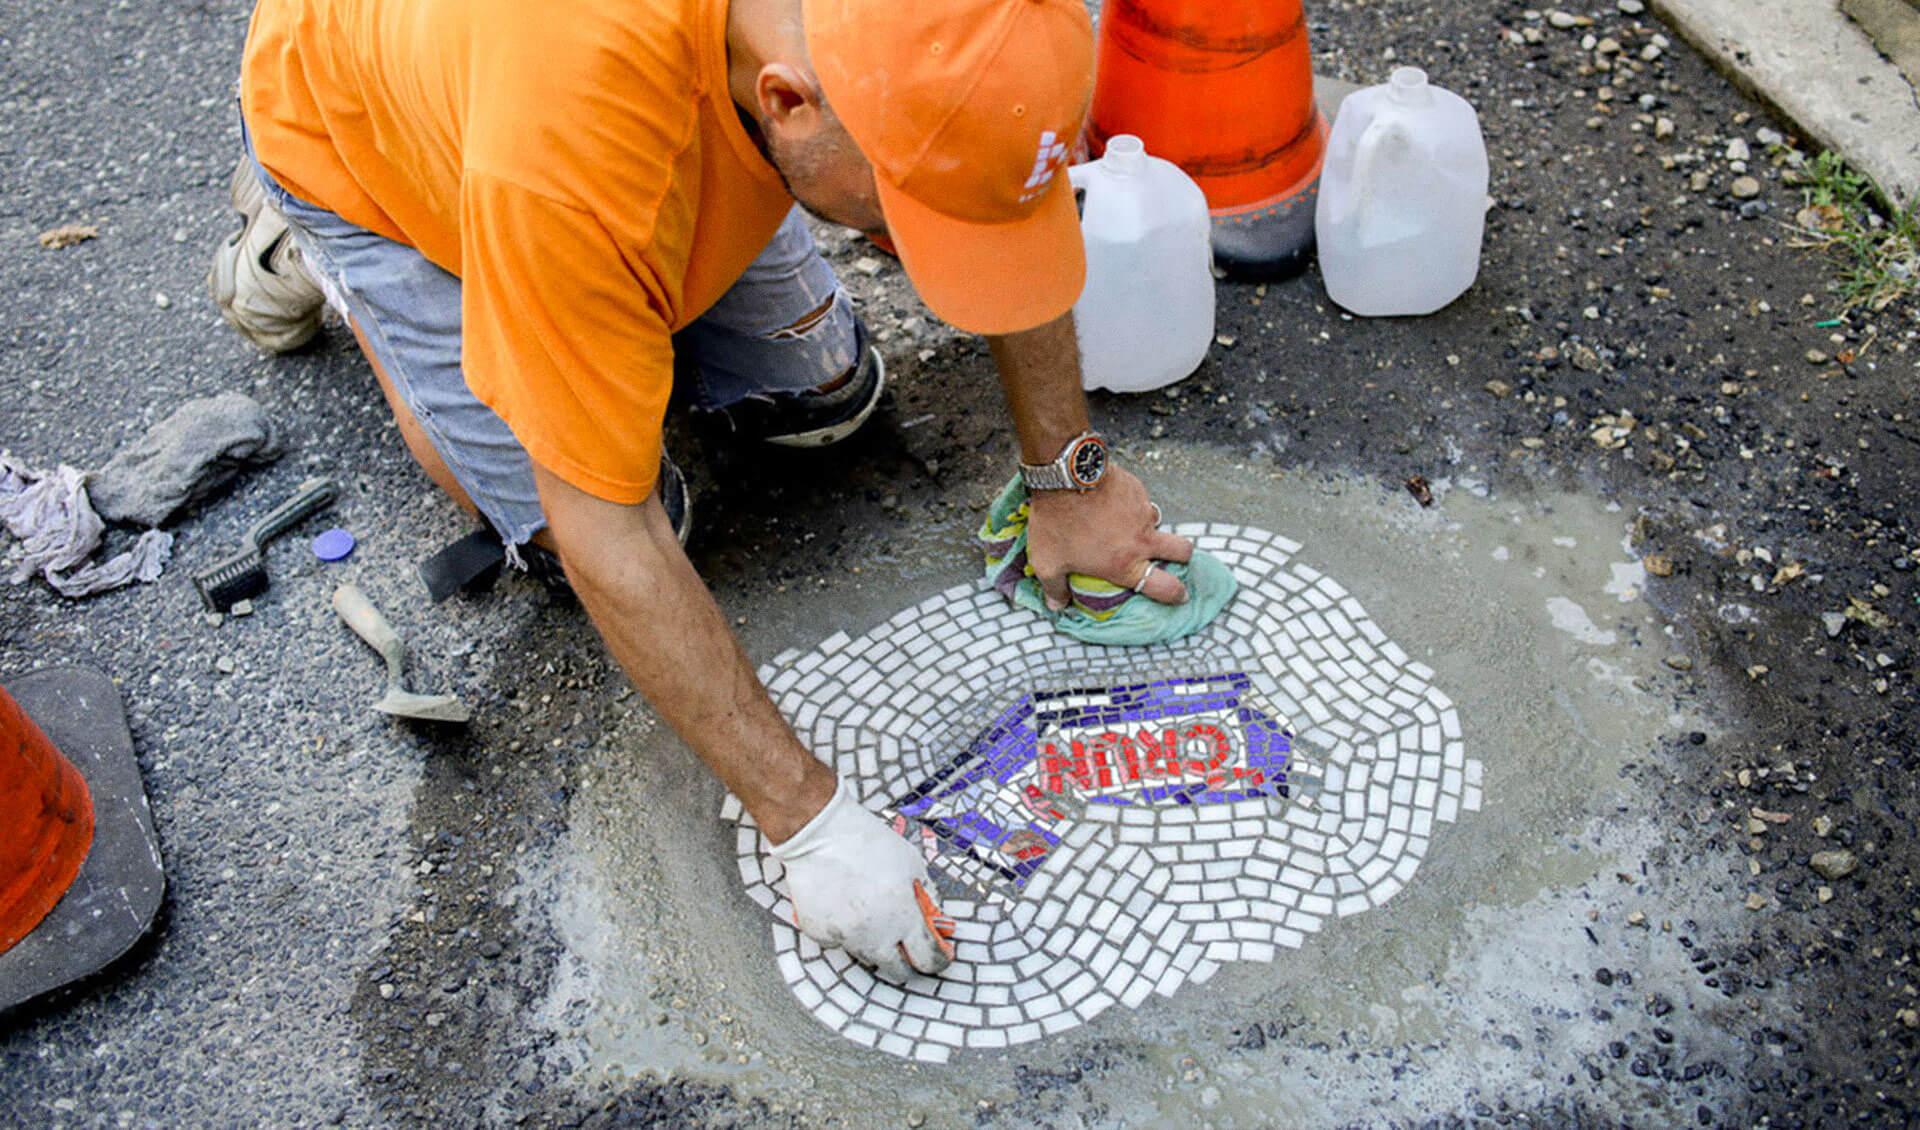 Artiste Jim Bachor comble les nids-de-poule en mosaique